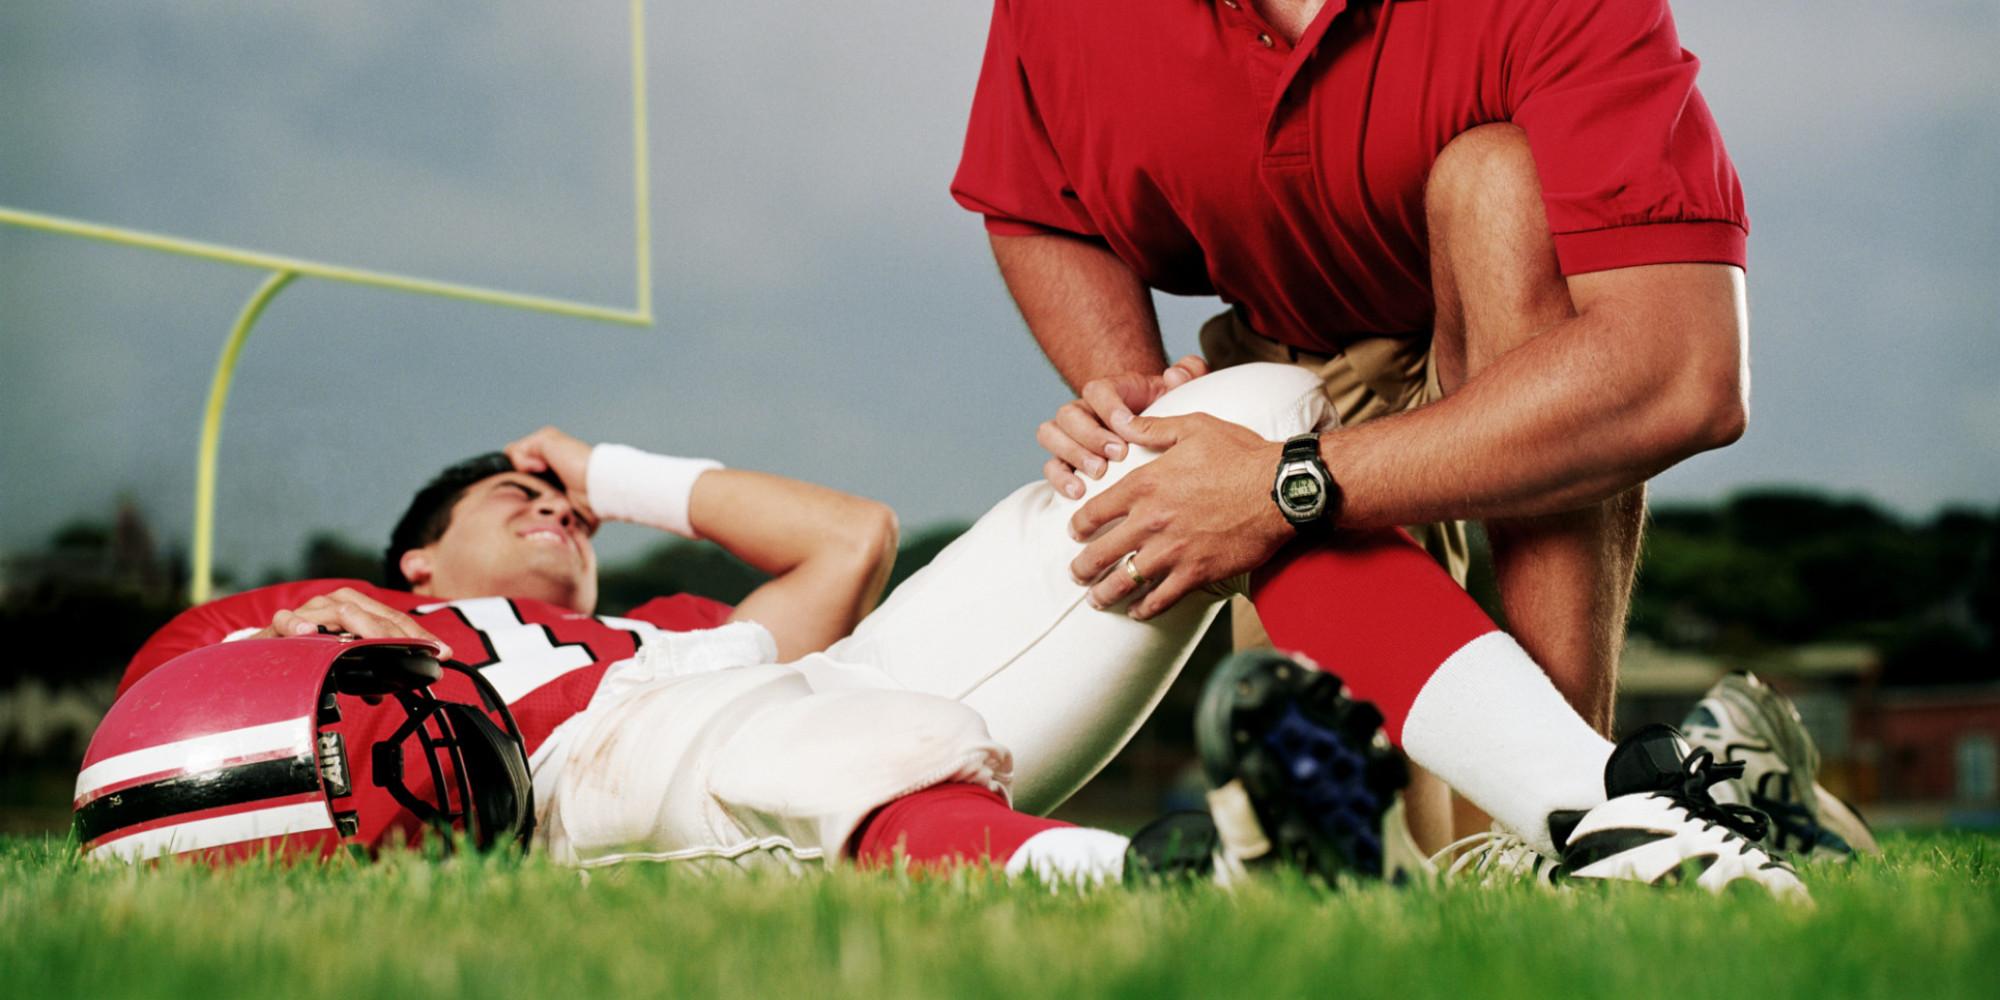 Revitalice su mejora deportiva con 7 consejos importantes